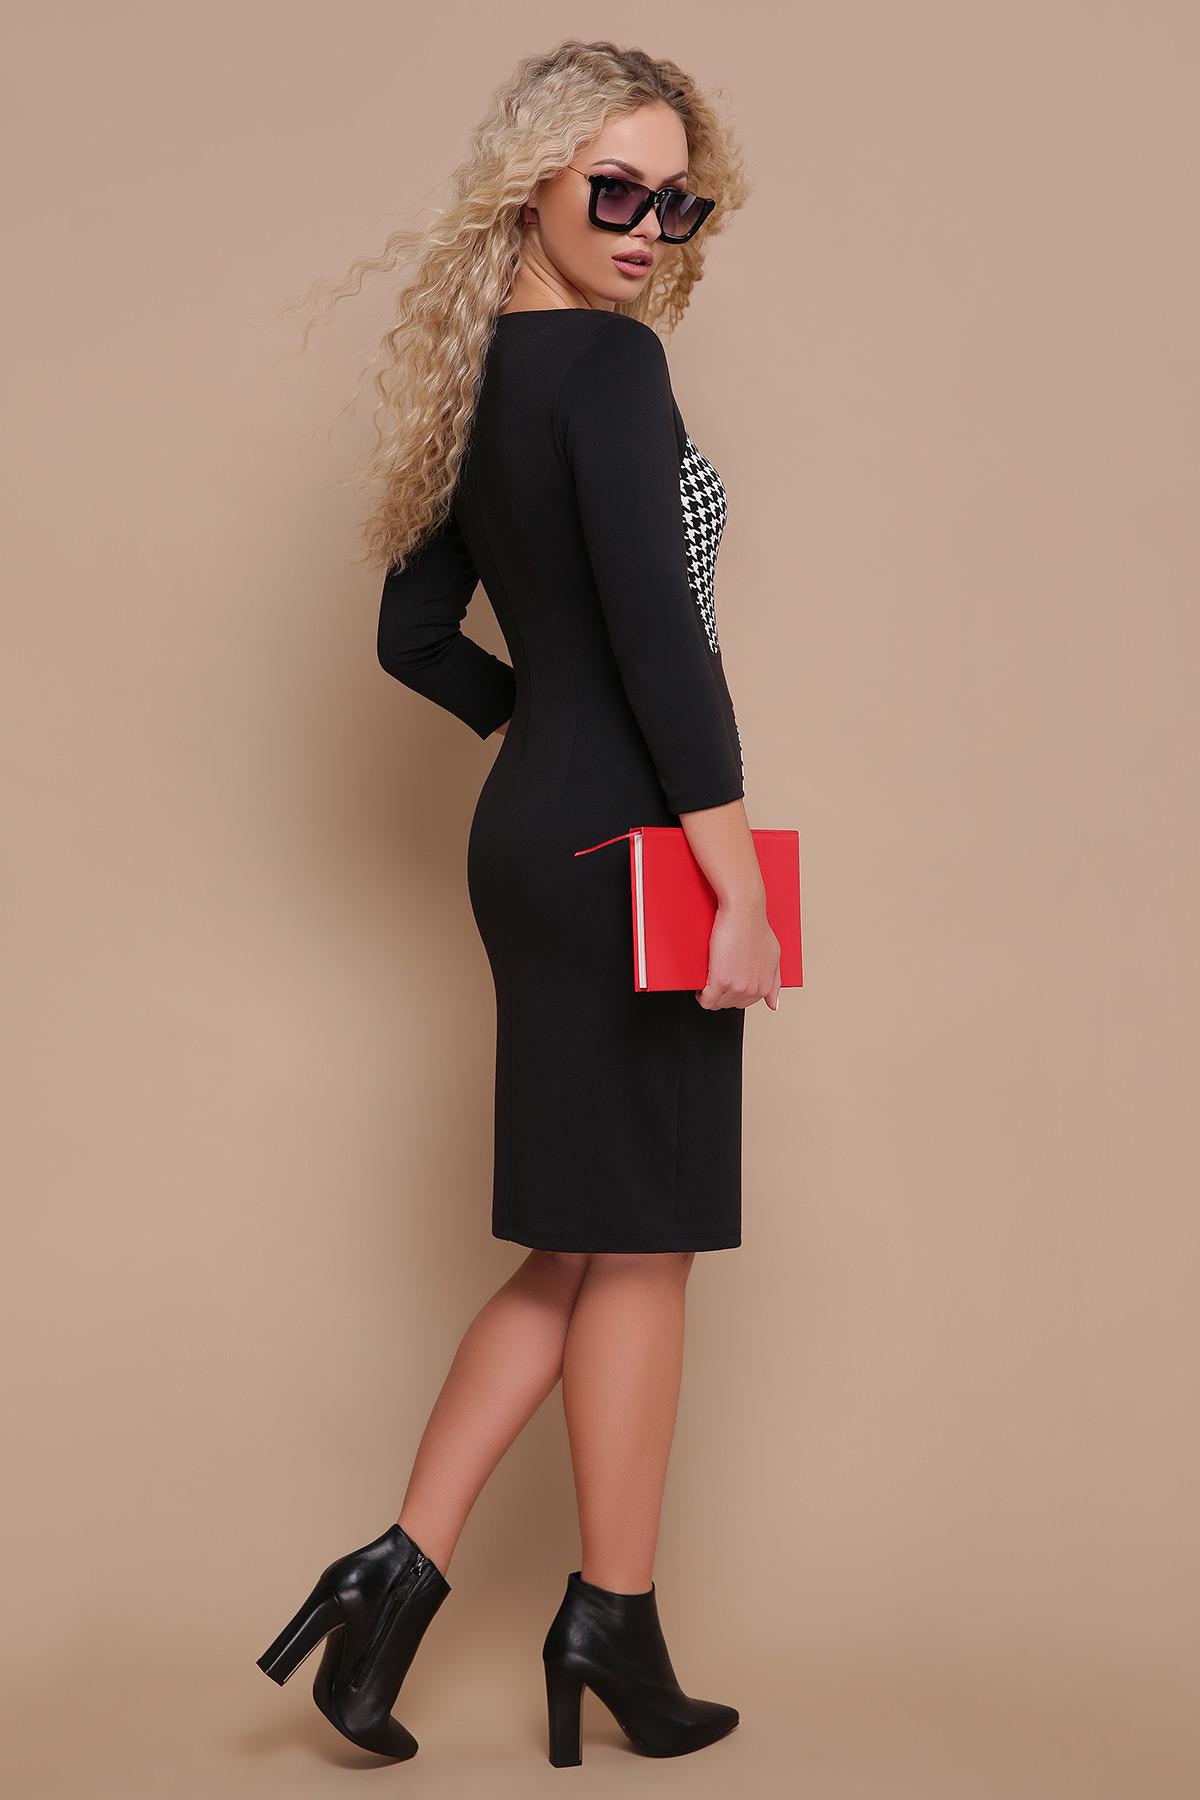 60749d3acbd Цвет  черный  черное платье с рукавом три четверти. платье Шанель д р.  Цвет  черный